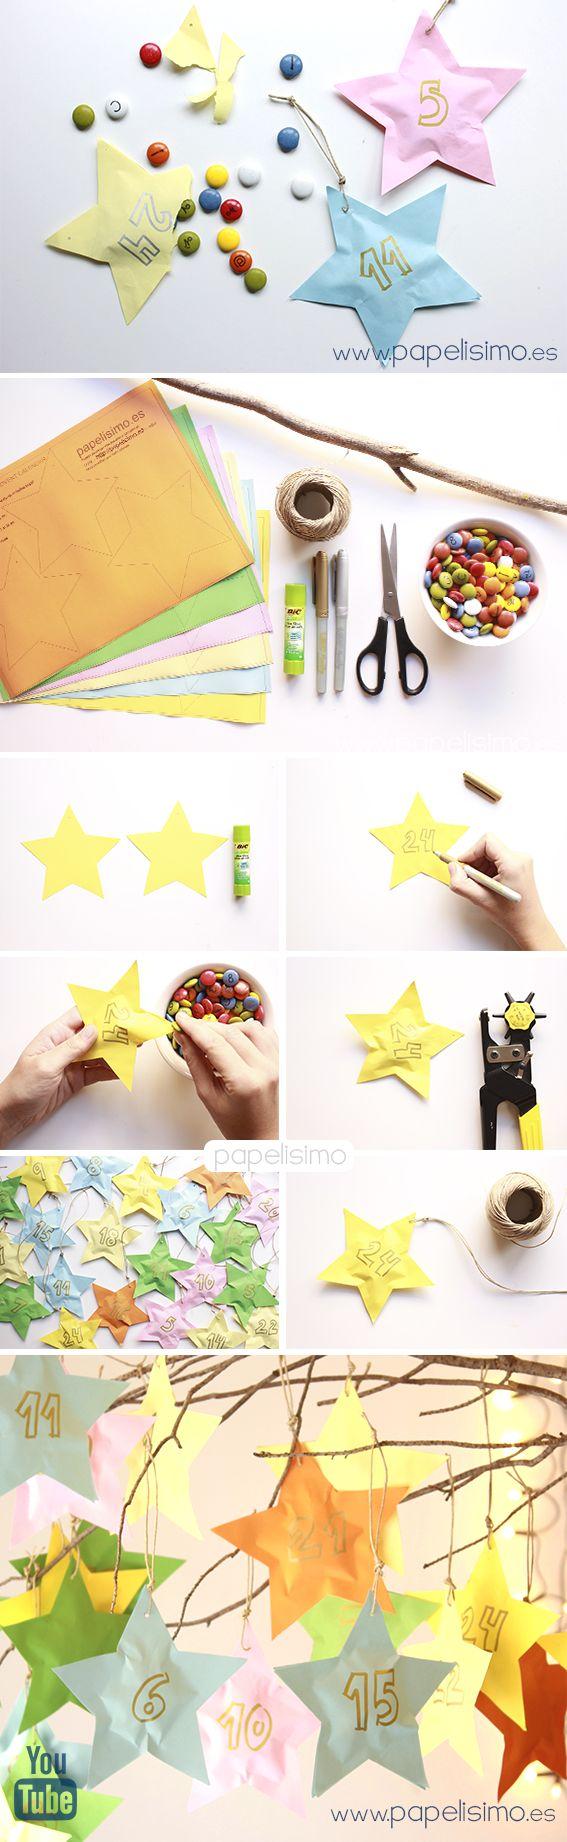 como hacer calendario de adviento niños en papel para Navidad, PASO A PASO: CÓMO HACERUN CALENDARIO DE ADVIENTO DE PAPEL PARA NIÑOS  Descarga laplantilla de las estrellas, está lista para recortar. Si no tienes impresora también puedes dibujarlas a mano. Necesitaremos 48 estrellas de papel (dos para cada día), en total debes imprimir 16 veces el pdf con el patrón de estrella.  Recorta las estrellas de papel y pega las dos a dos dejando una esquina sin pegar para introducir los Lacasitos u…